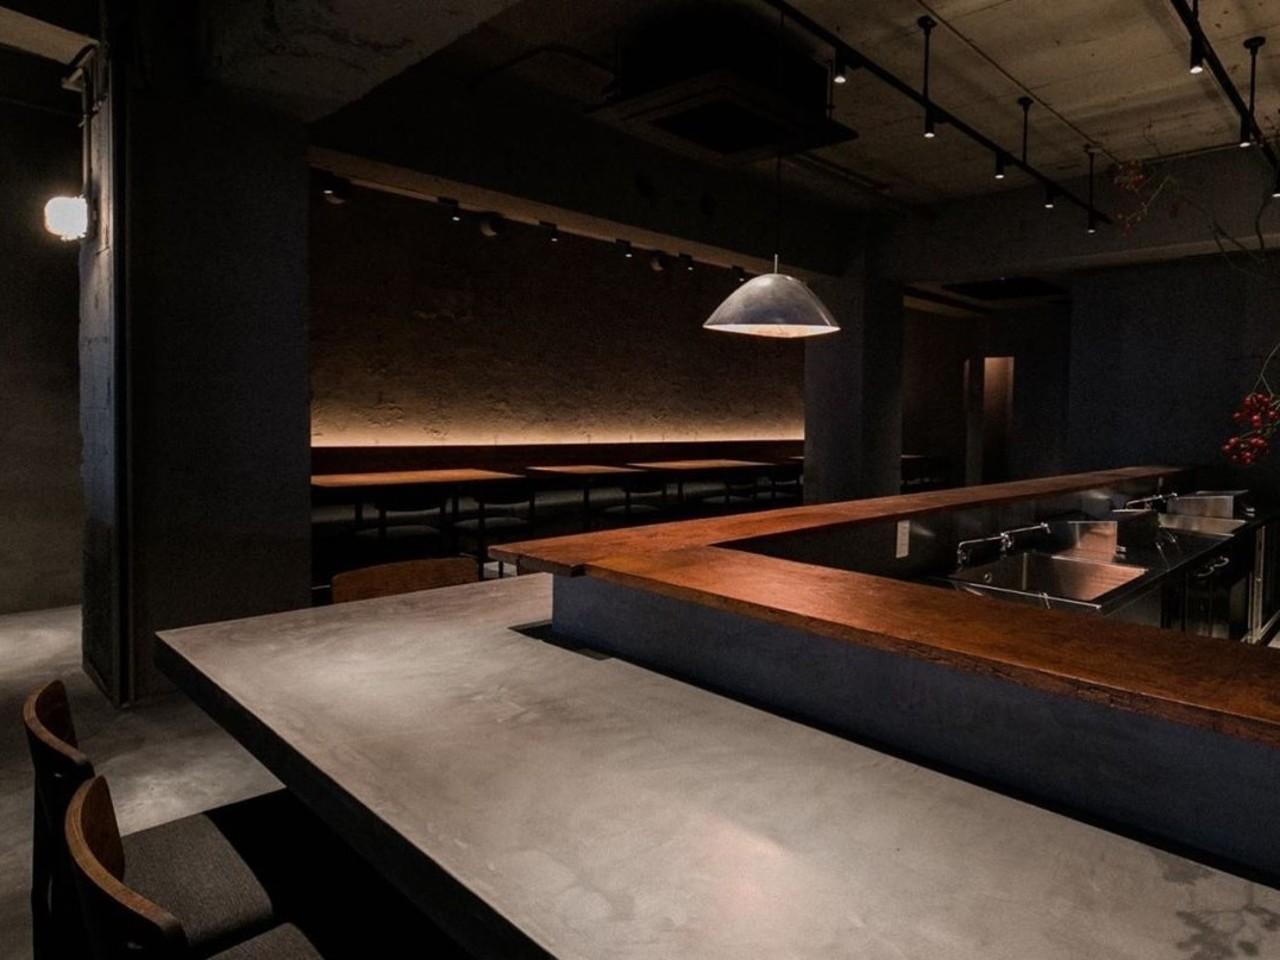 デザイナーズ寿司レストラン...大阪市中央区心斎橋筋1丁目に「別邸 なかご」11/7グランドオープン